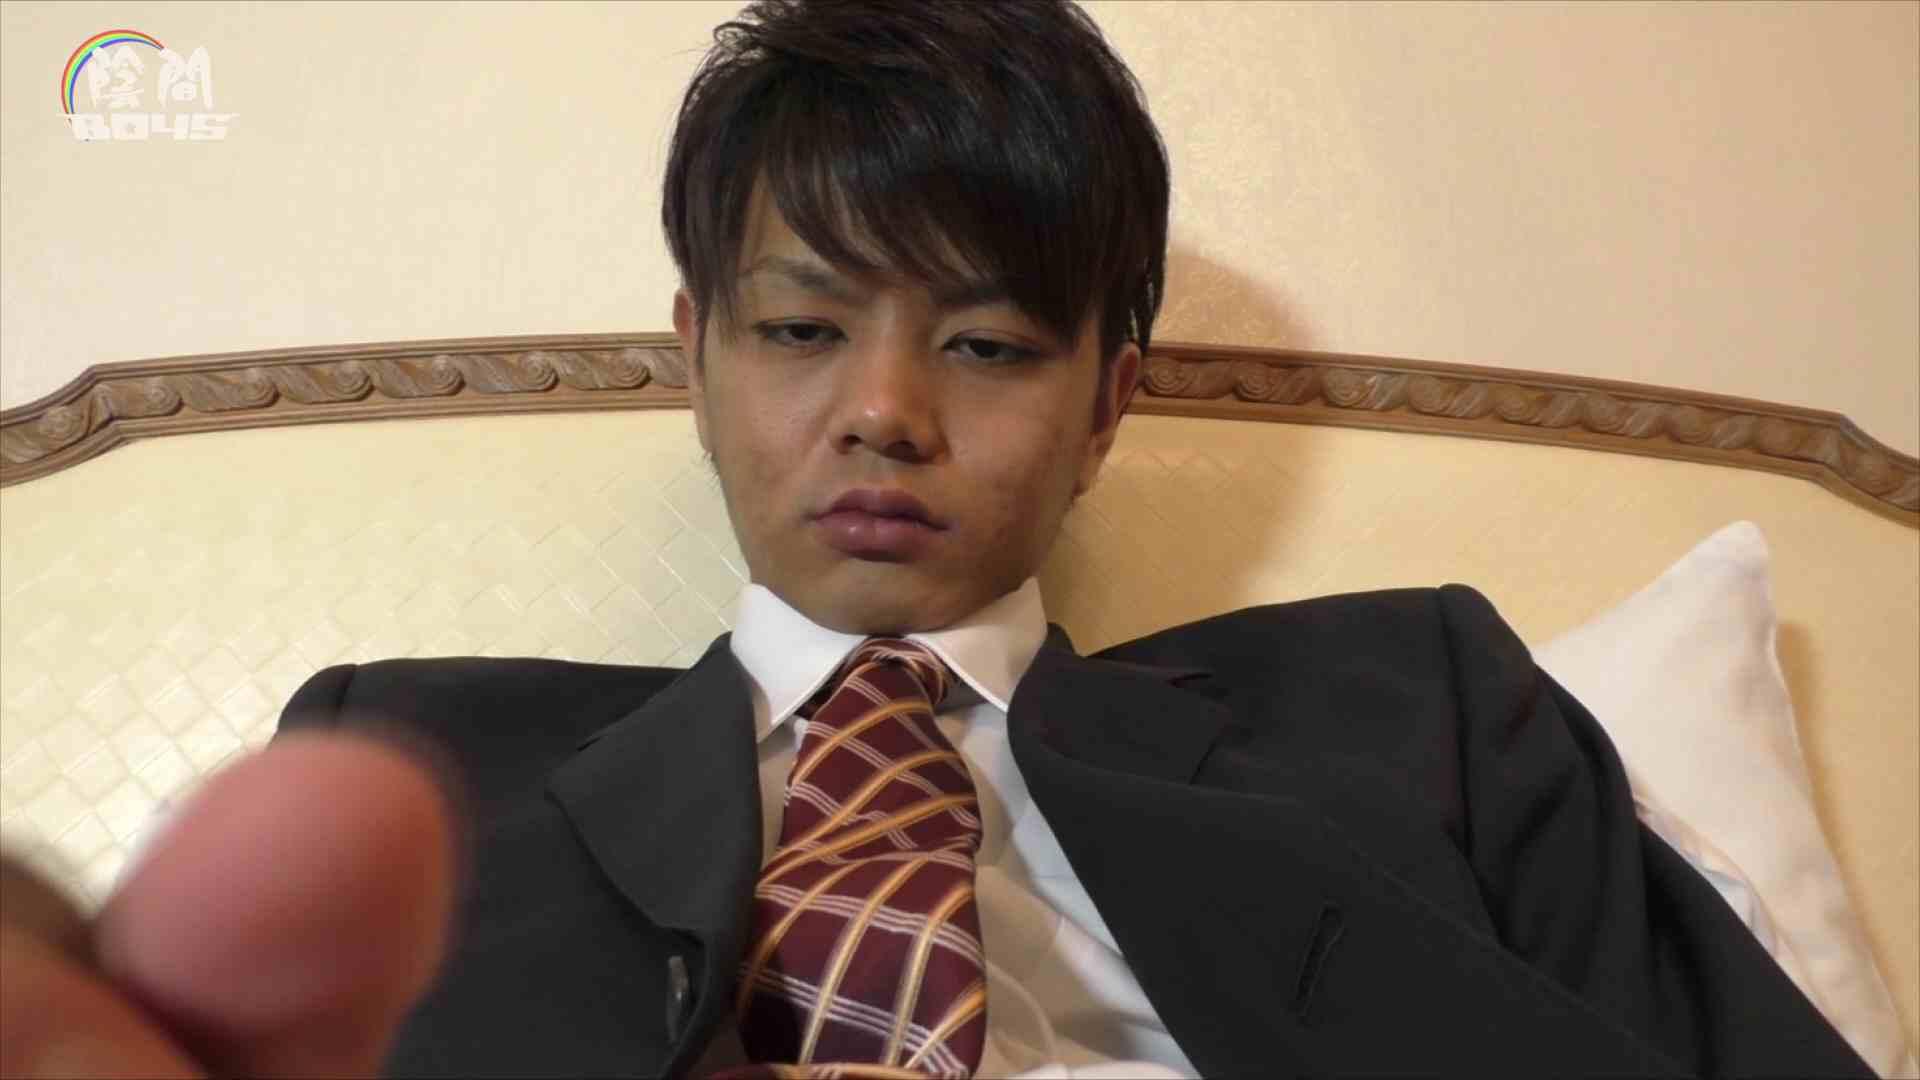 陰間BOYS~キャバクラの仕事はアナルから4 Vol.01 オナニー 男同士動画 108pic 21